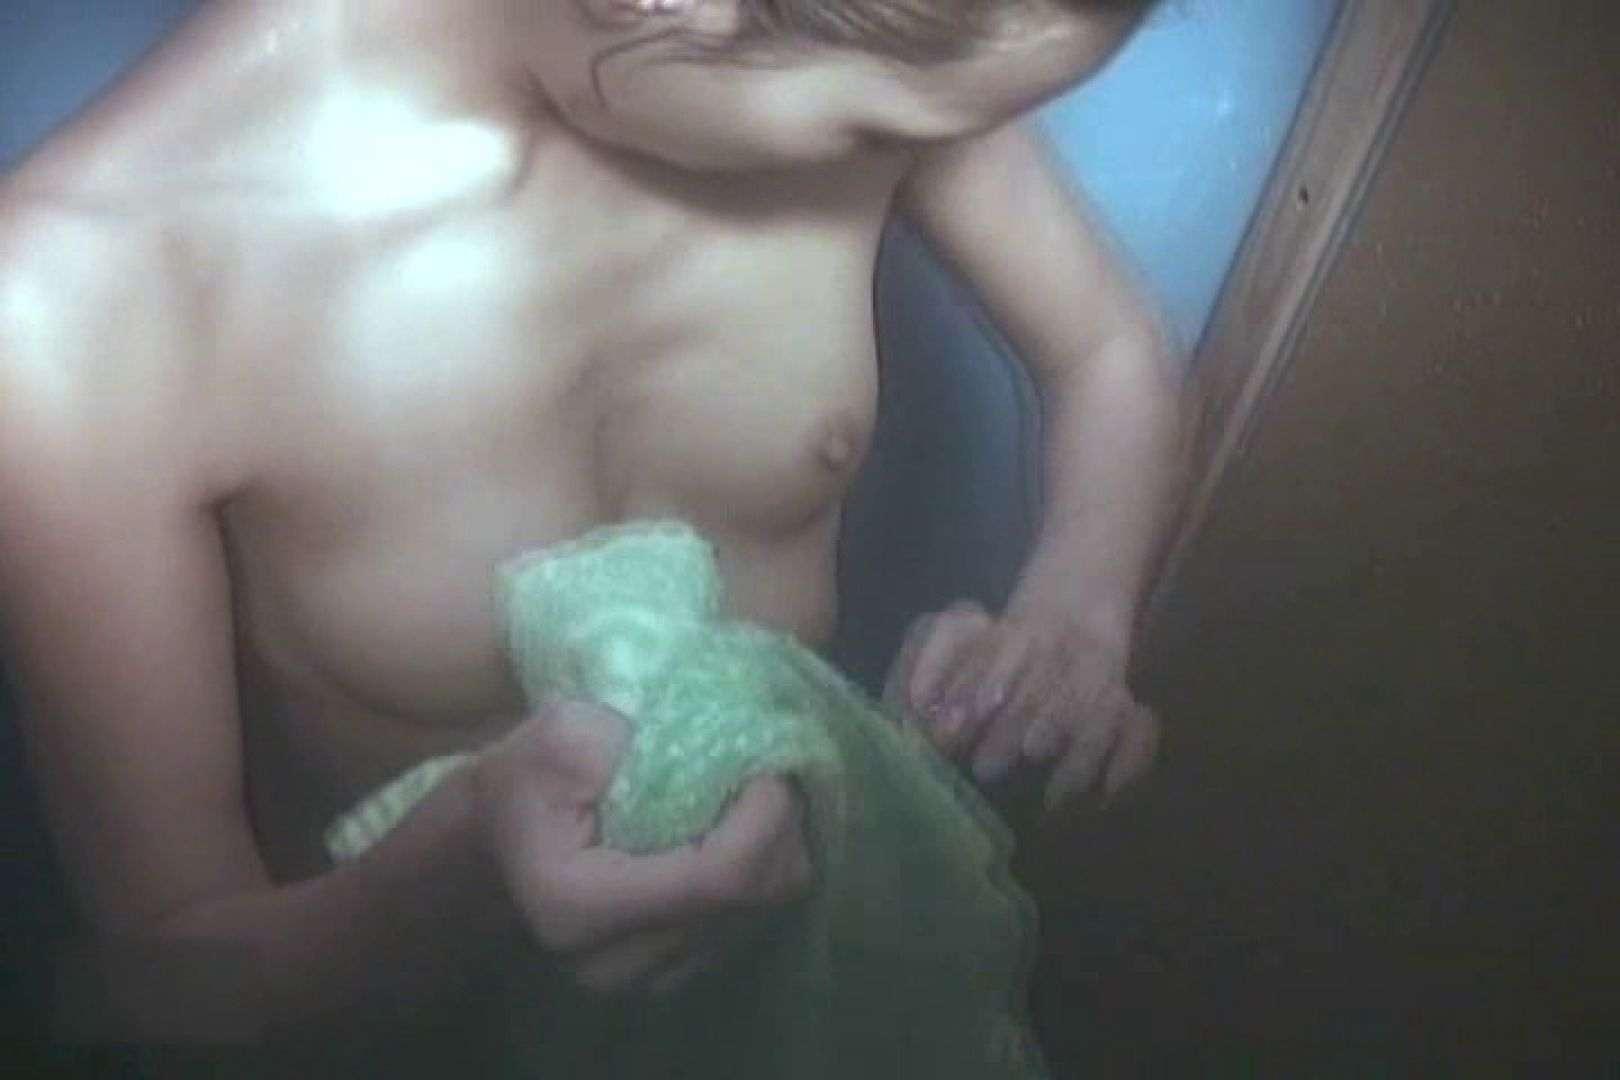 夏海シャワー室!ベトベトお肌をサラサラに!VOL.13 水着 | 美女エロ画像  85PICs 61